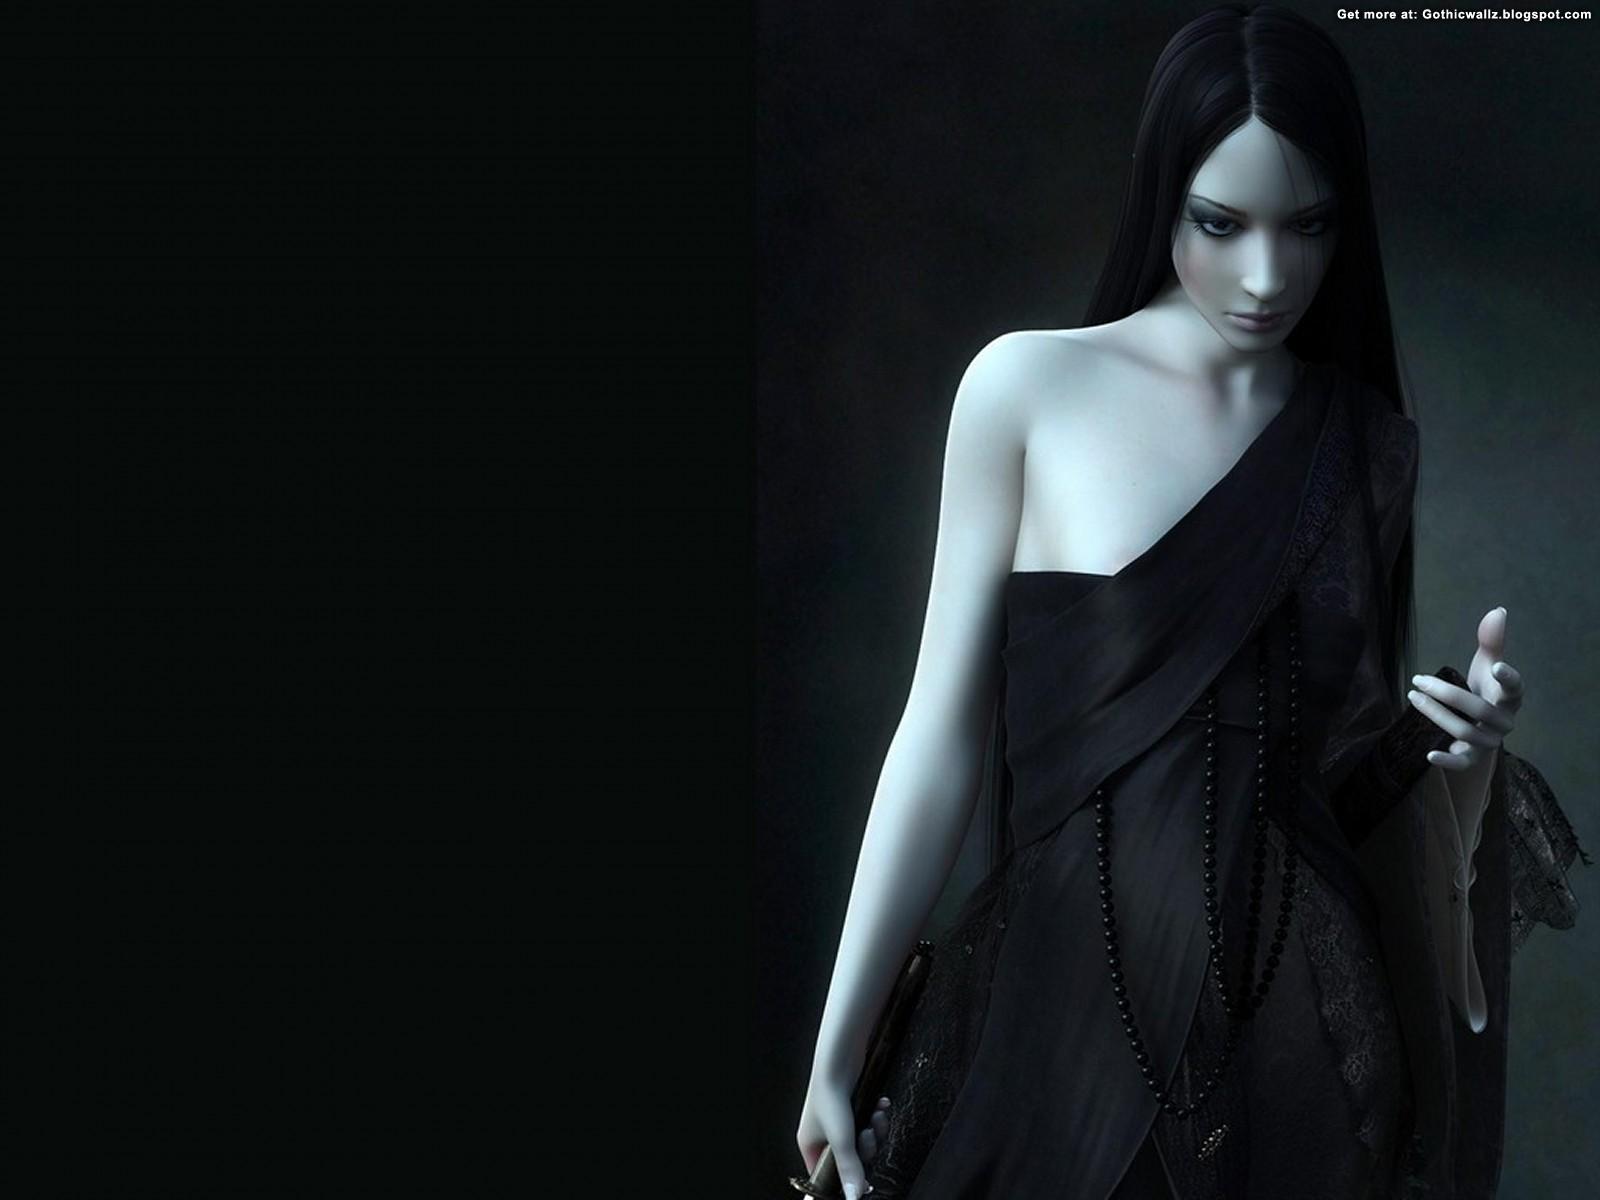 Dark Sculpture | Gothic Wallpaper Download